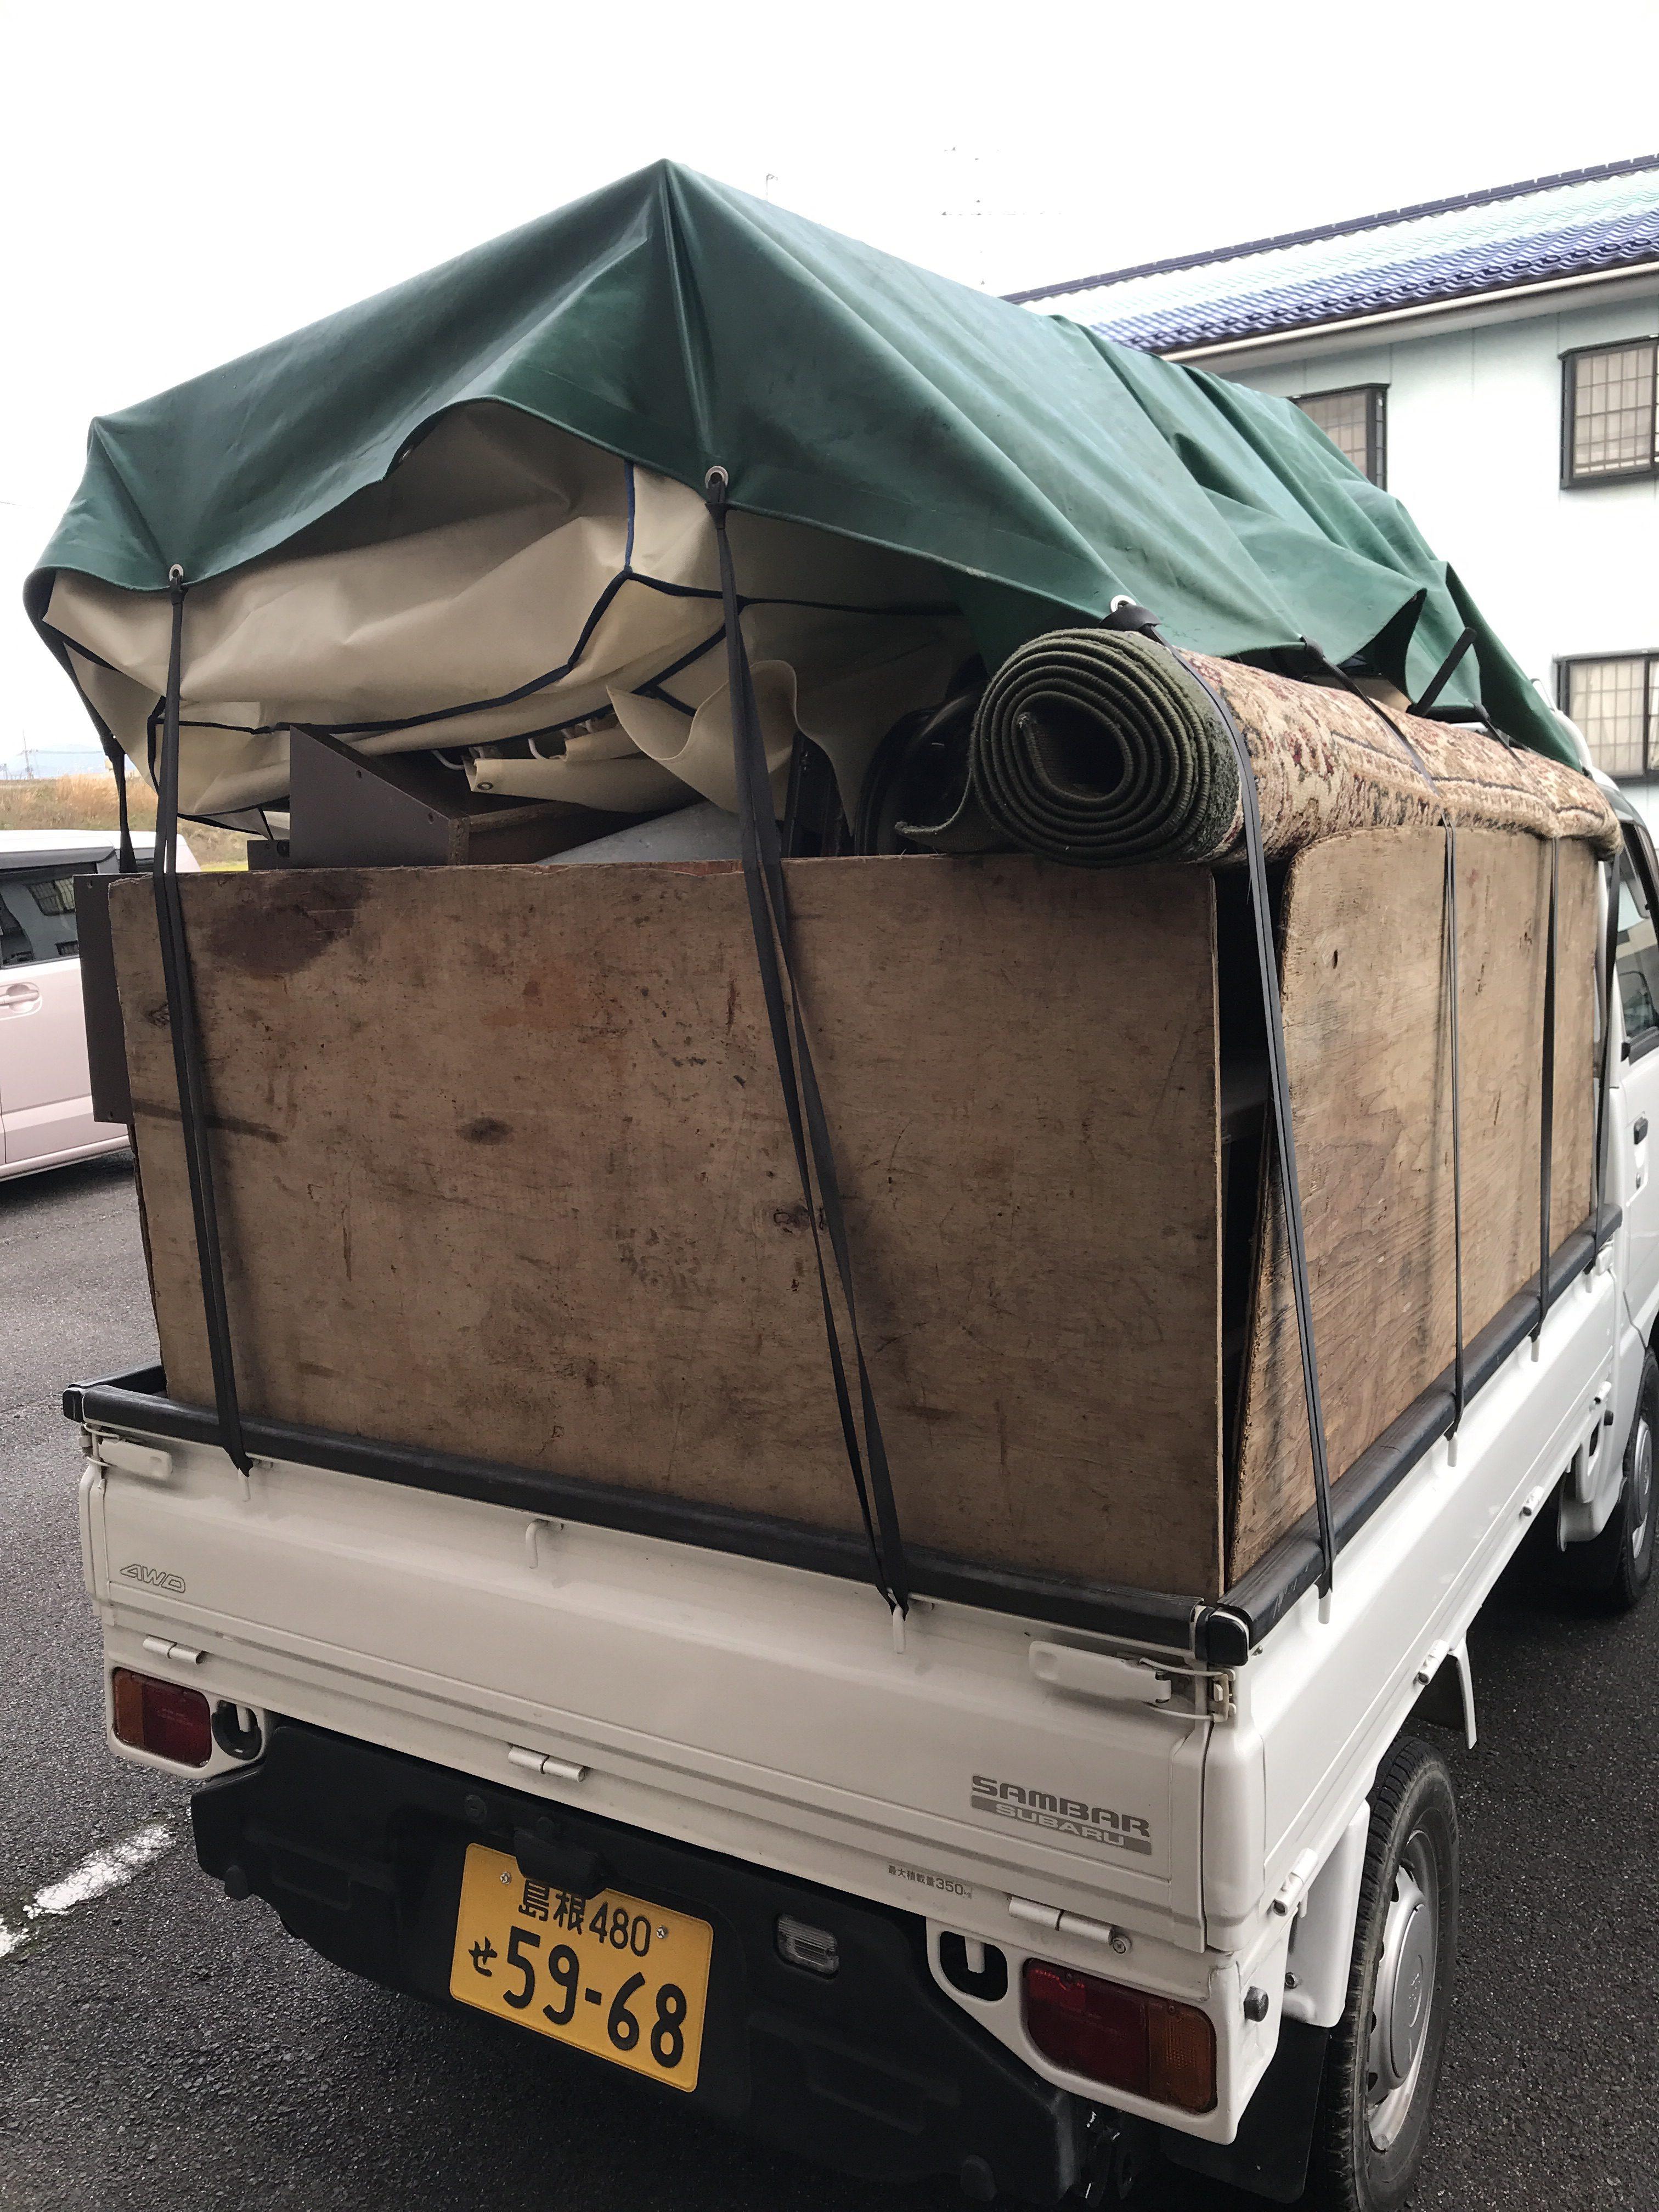 【隠岐の島町】引っ越しごみの回収☆ご希望のお日にち・お時間でのスピード搬出でお喜び頂けました。